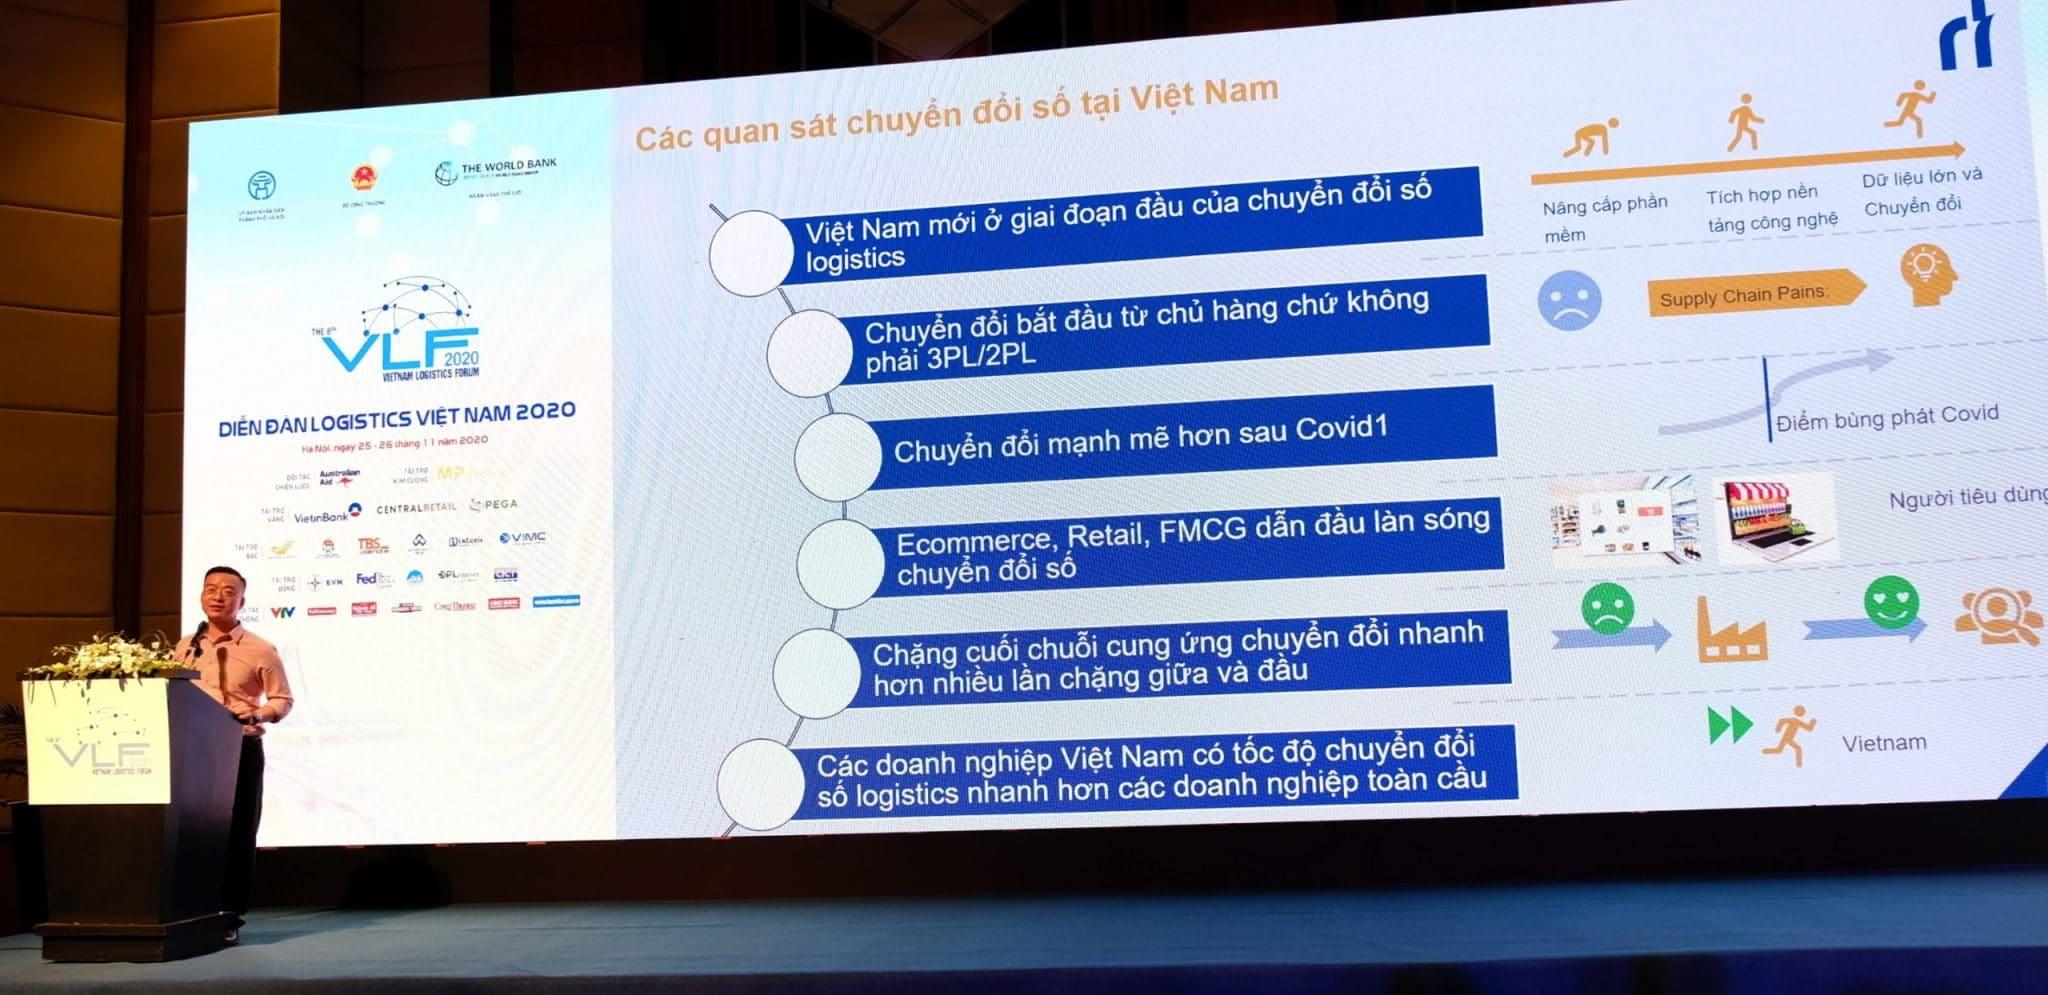 Ông Nguyễn Duy Hồng - Phó Tổng Giám đốc Công ty Smartlog chia sẻ về chủ đề chuyển đổi số logistics tại Việt Nam